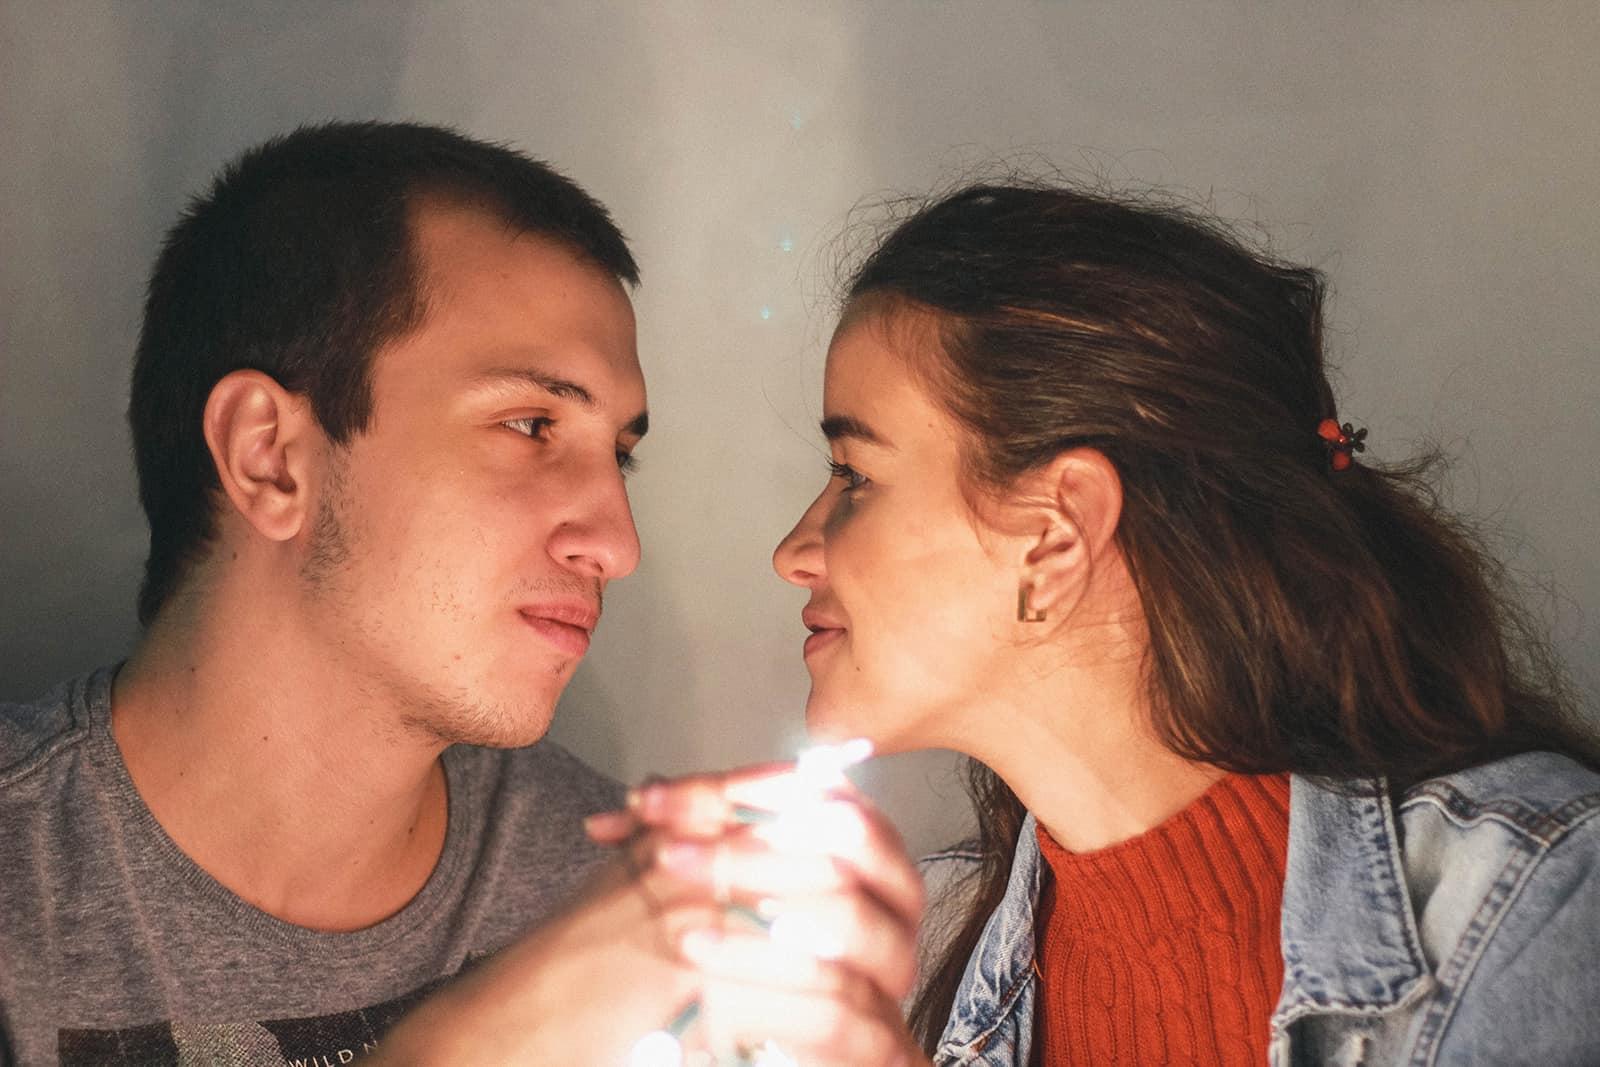 ein liebevolles Paar, das sich in die Augen schaut und sich an den Händen hält